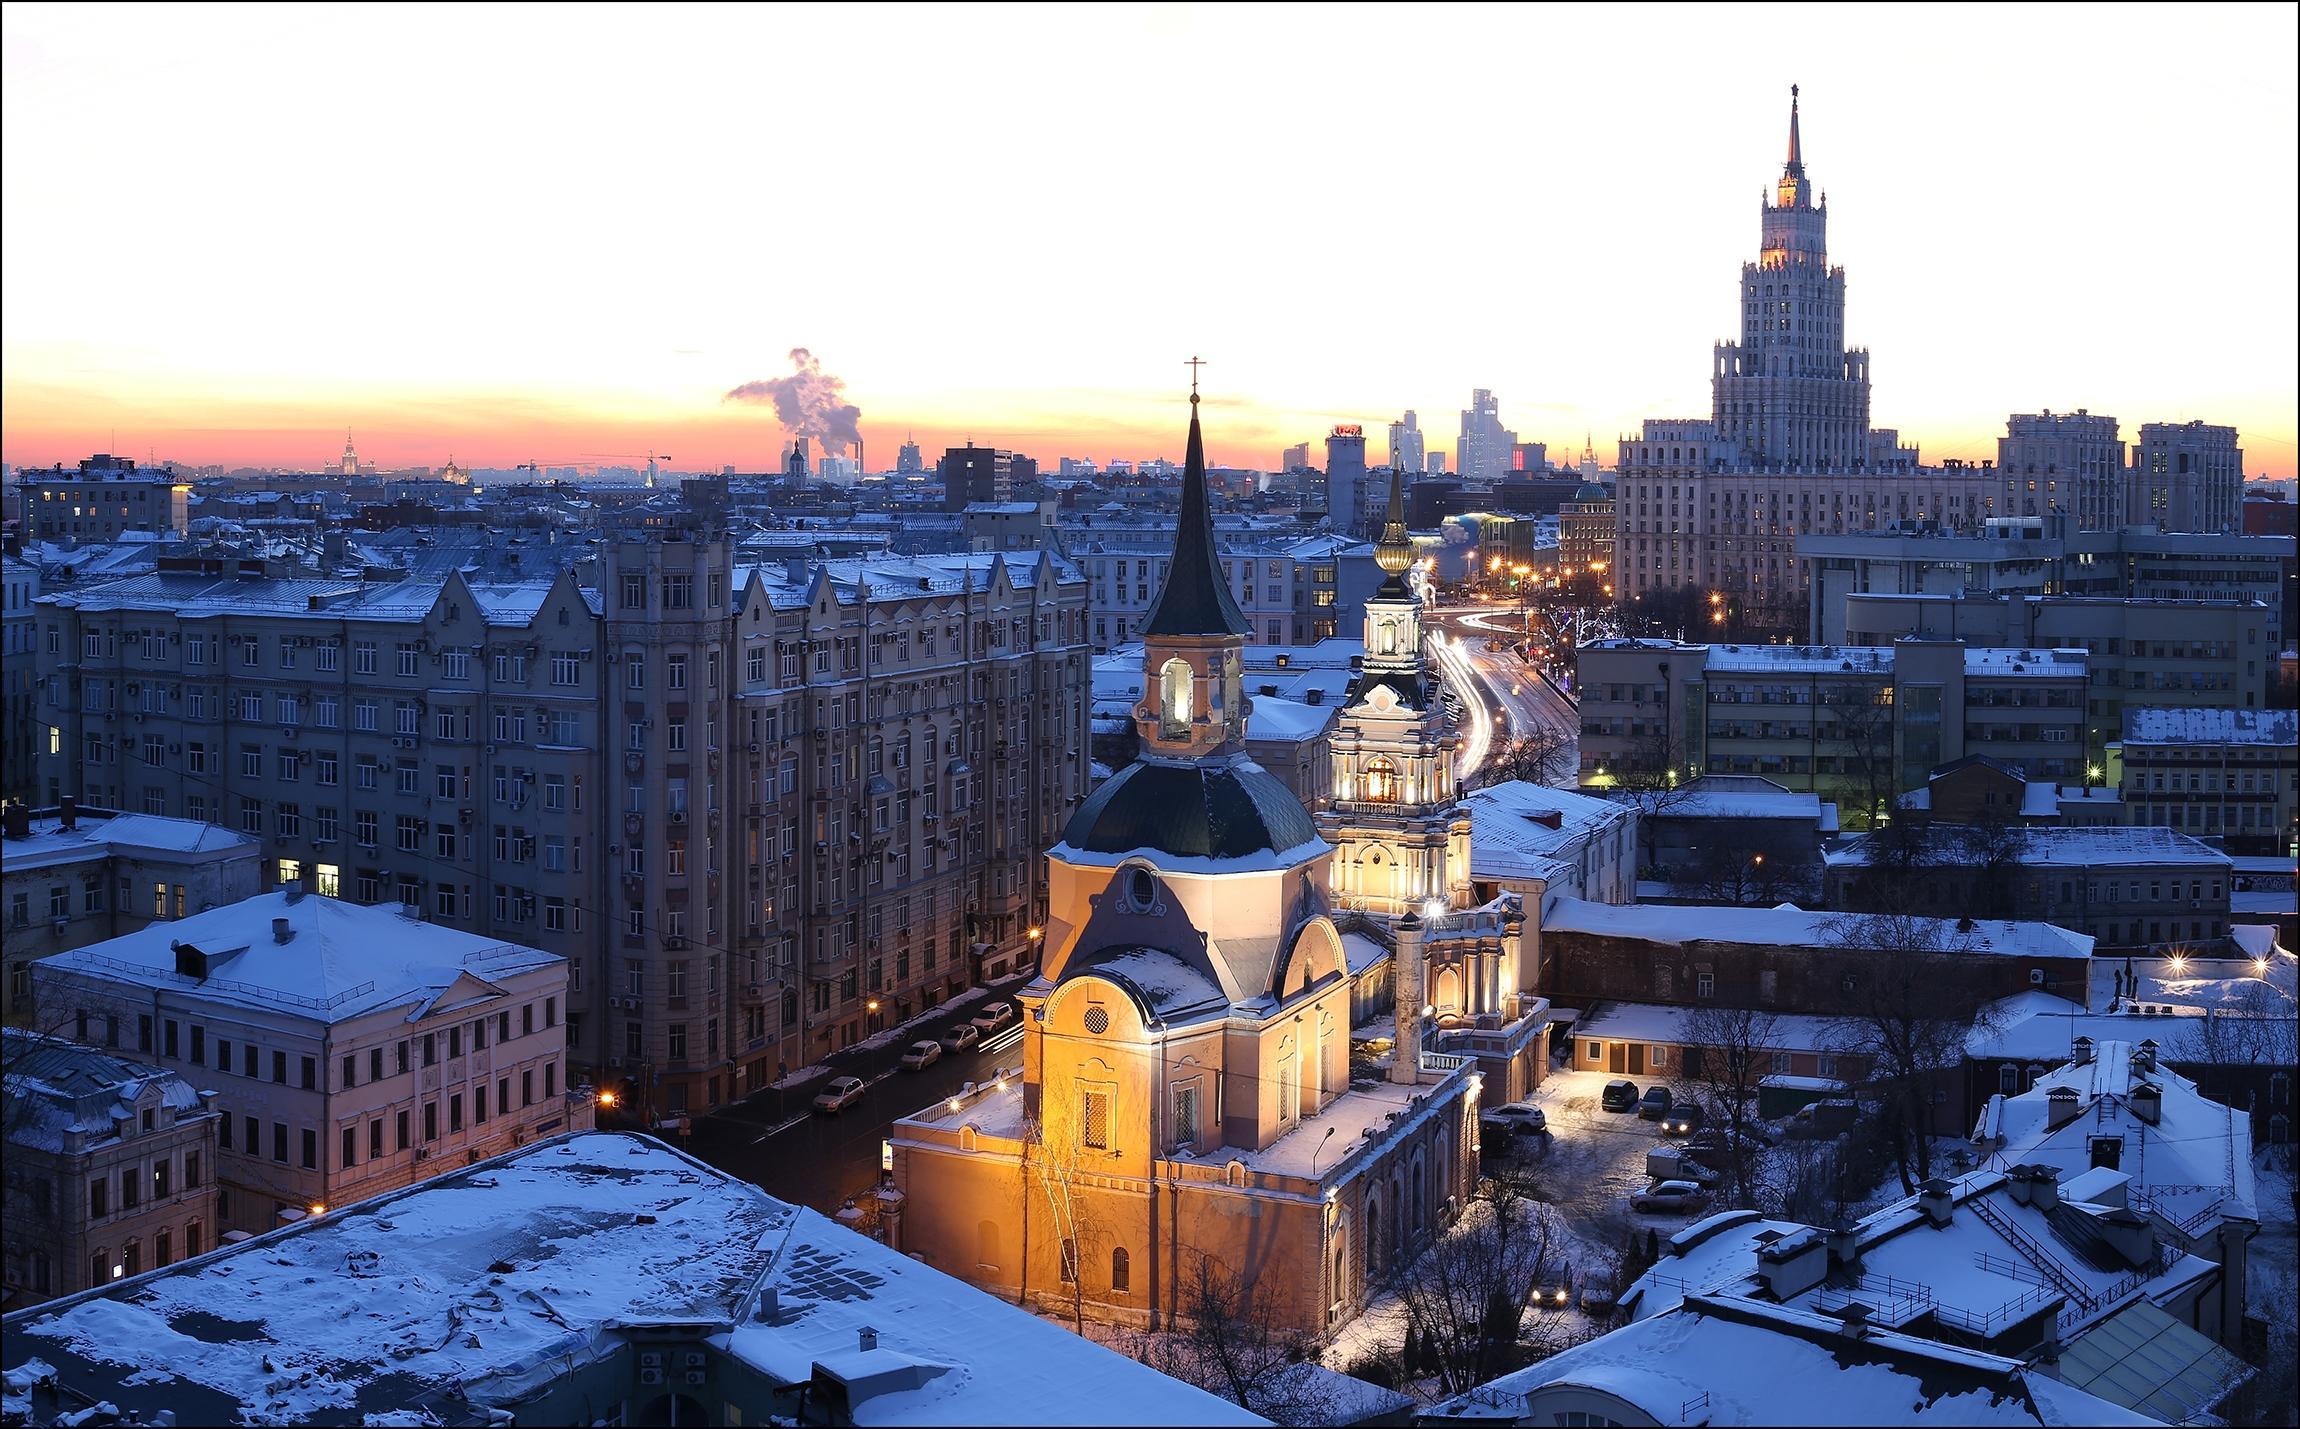 Обои Зимний закат по улице Новая Басманная, Москва, Россия